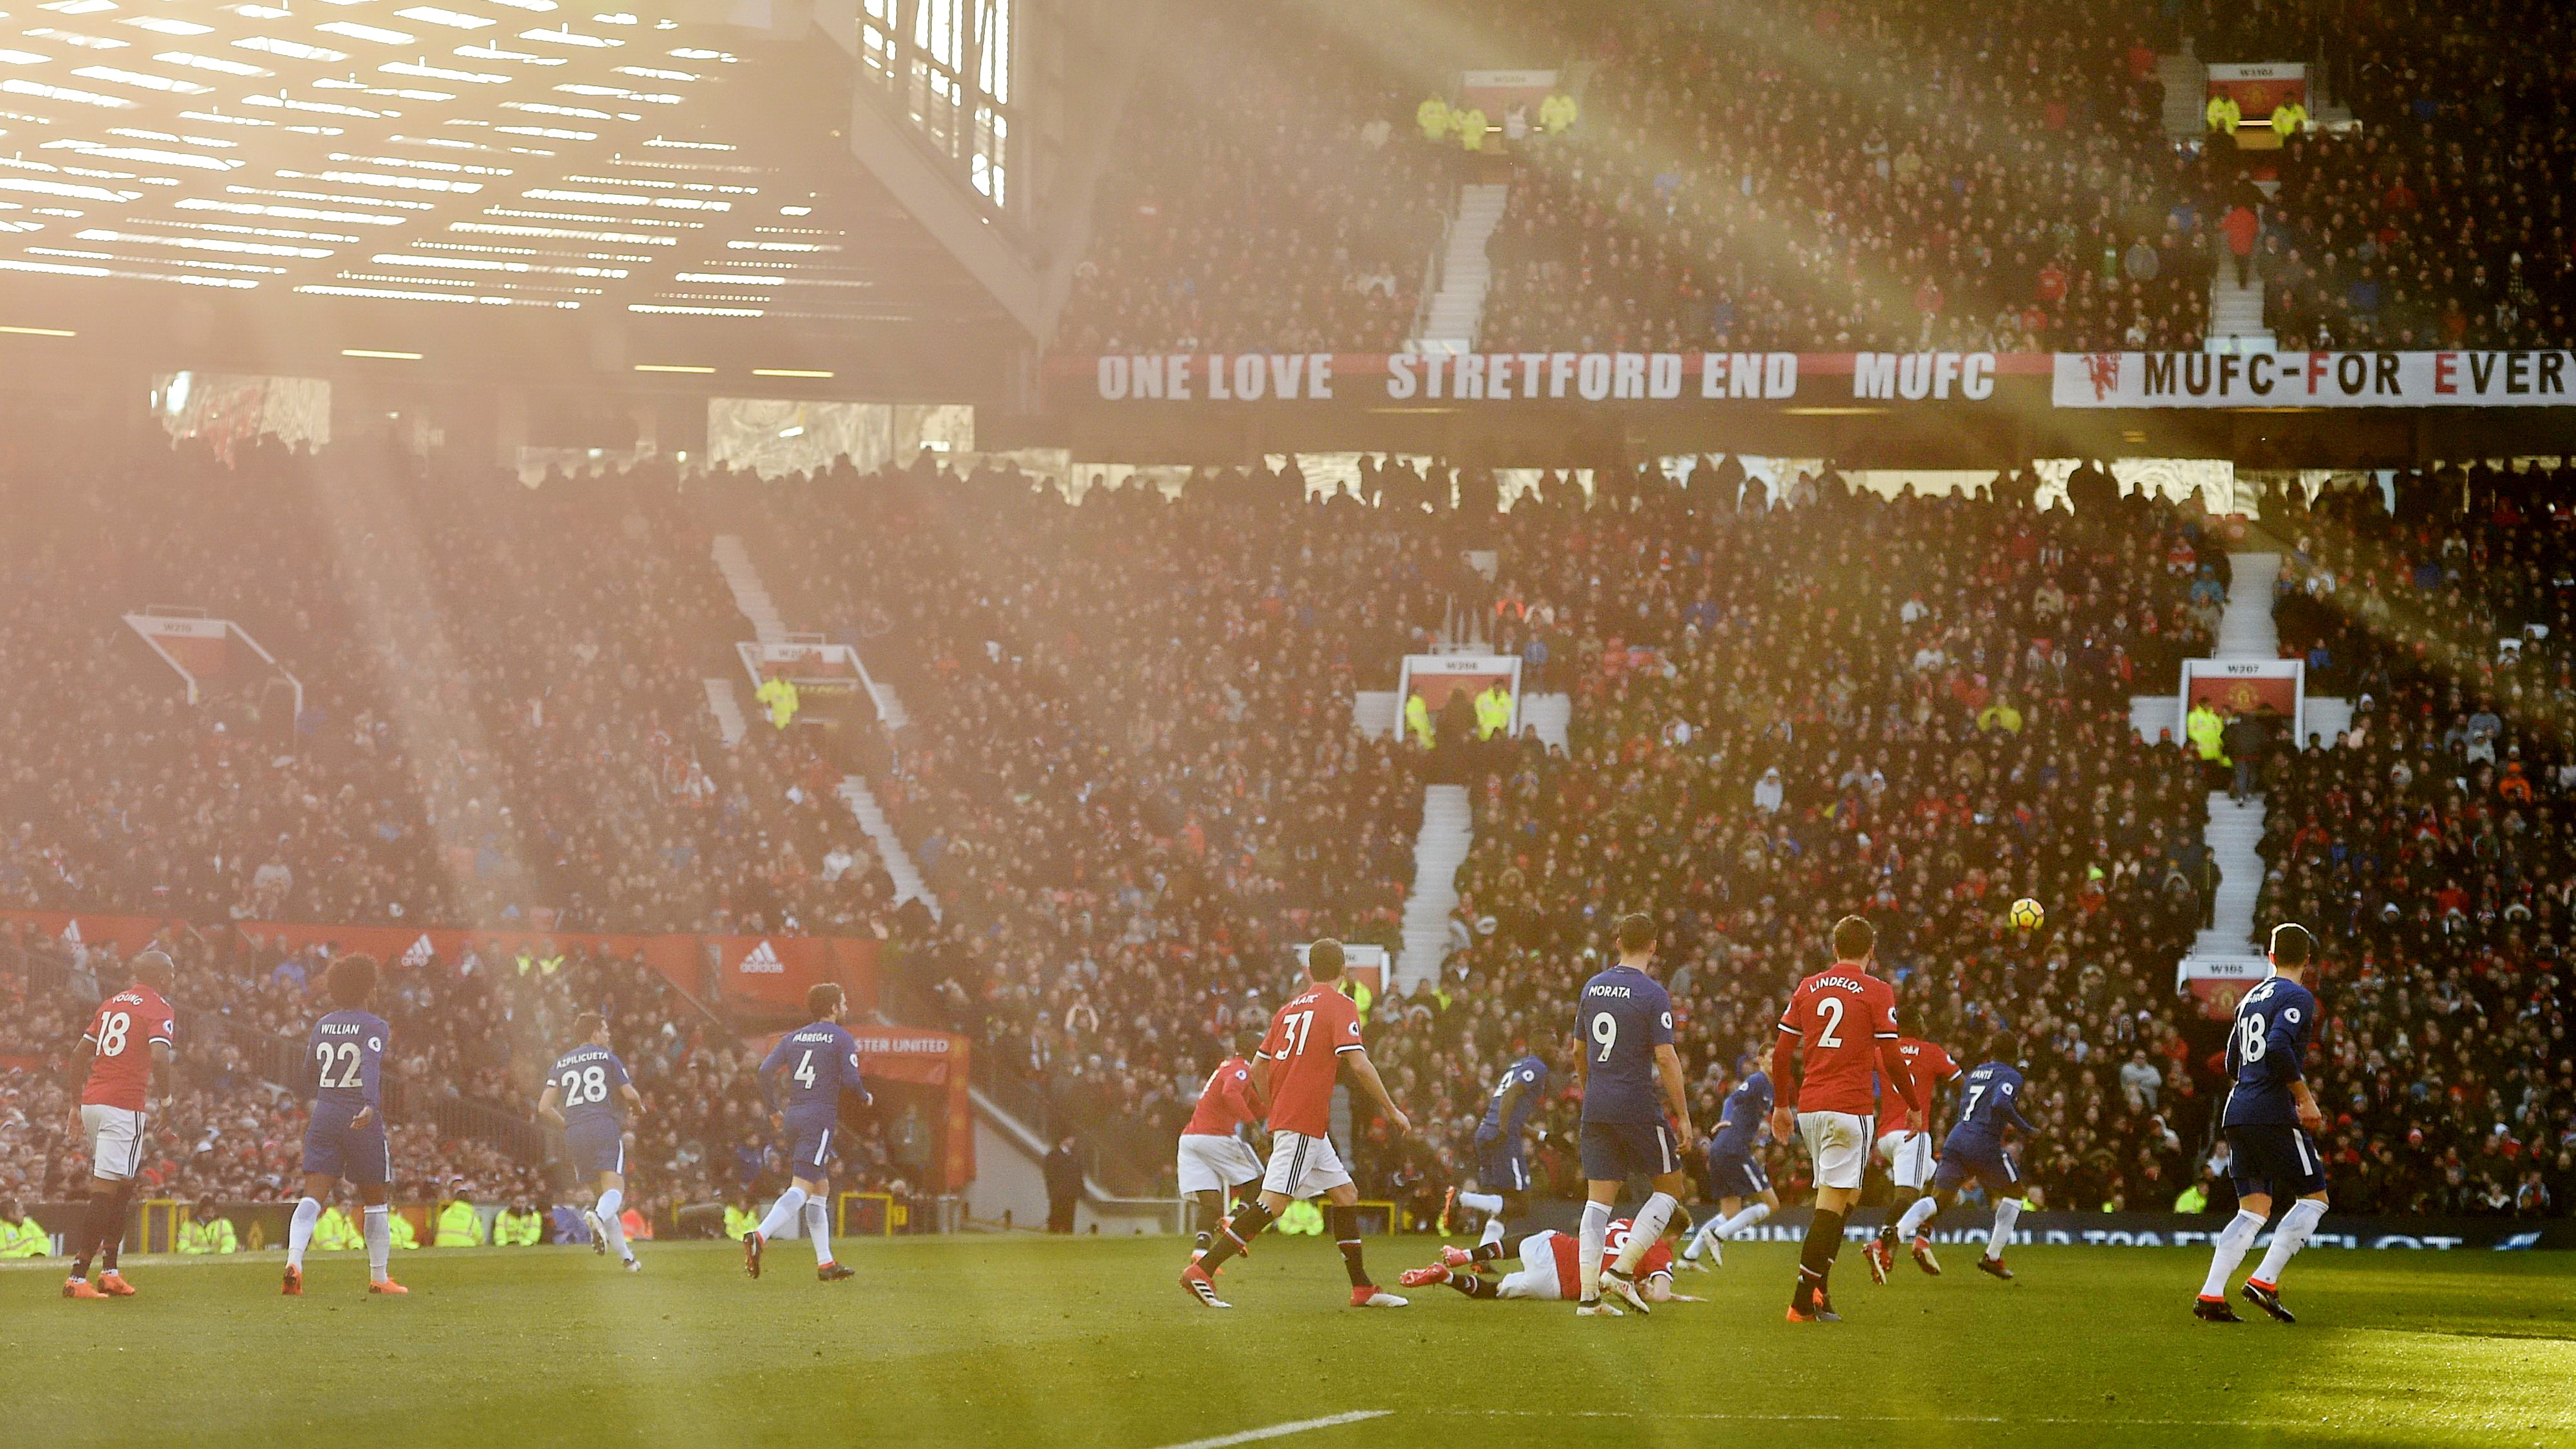 Manchester United Chelsea Premier League